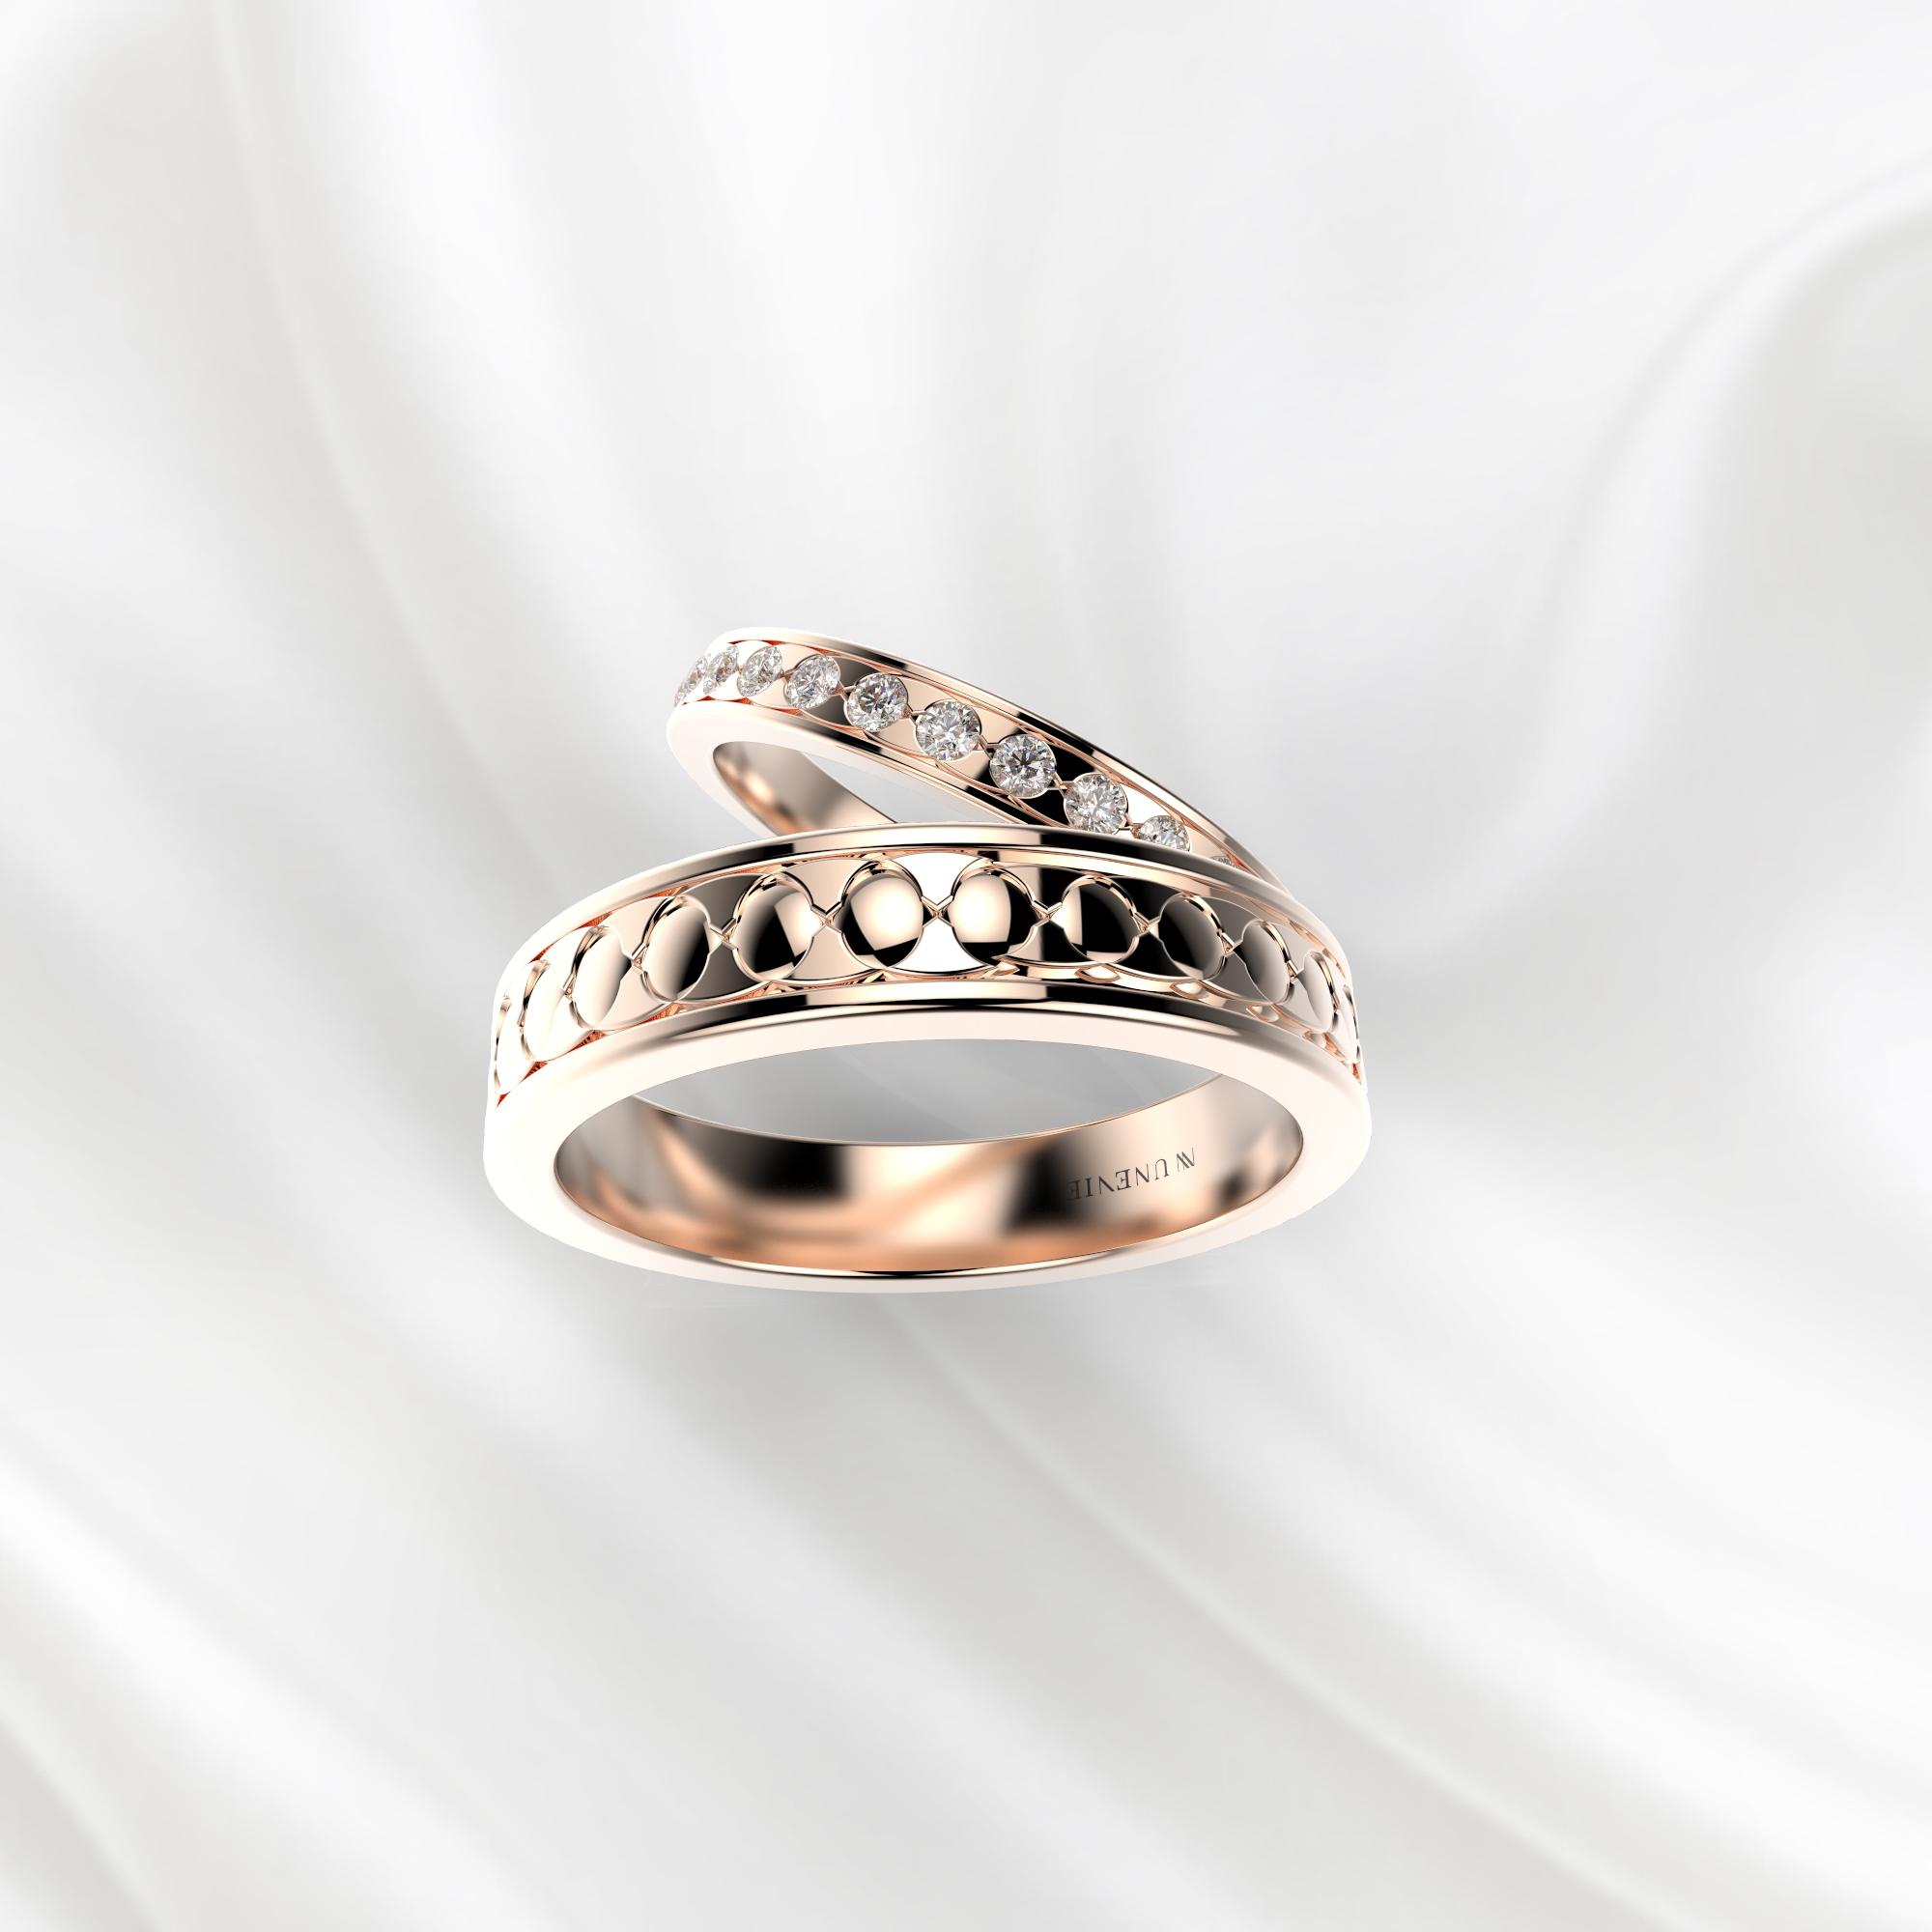 NV53 Парные обручальные кольца из розового золота с бриллиантами